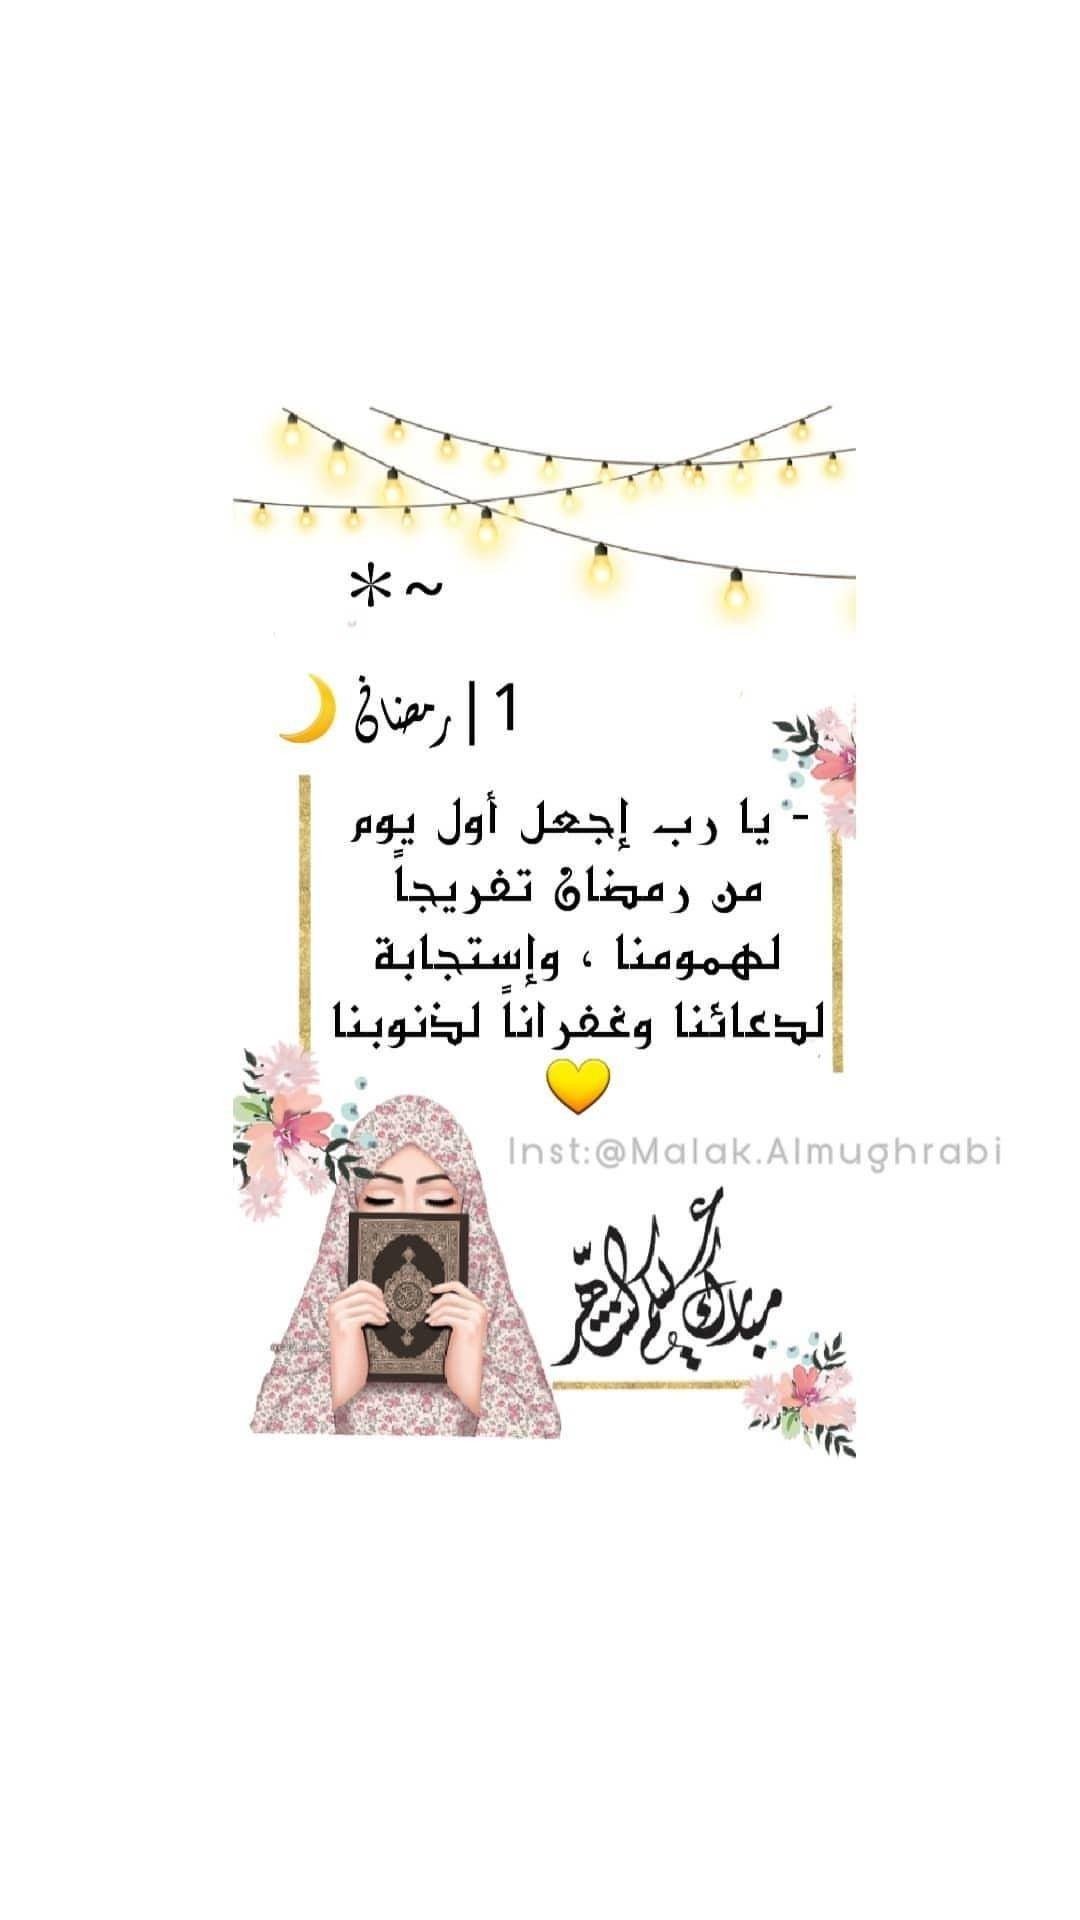 1 رمضان ي رب إجعل أول يوم من رمضان تفريجا لهمومنا وإستجابة لدعائنا وغفرانا لذنوبنا Photo Quotes Islamic Quotes Quran Ramadan